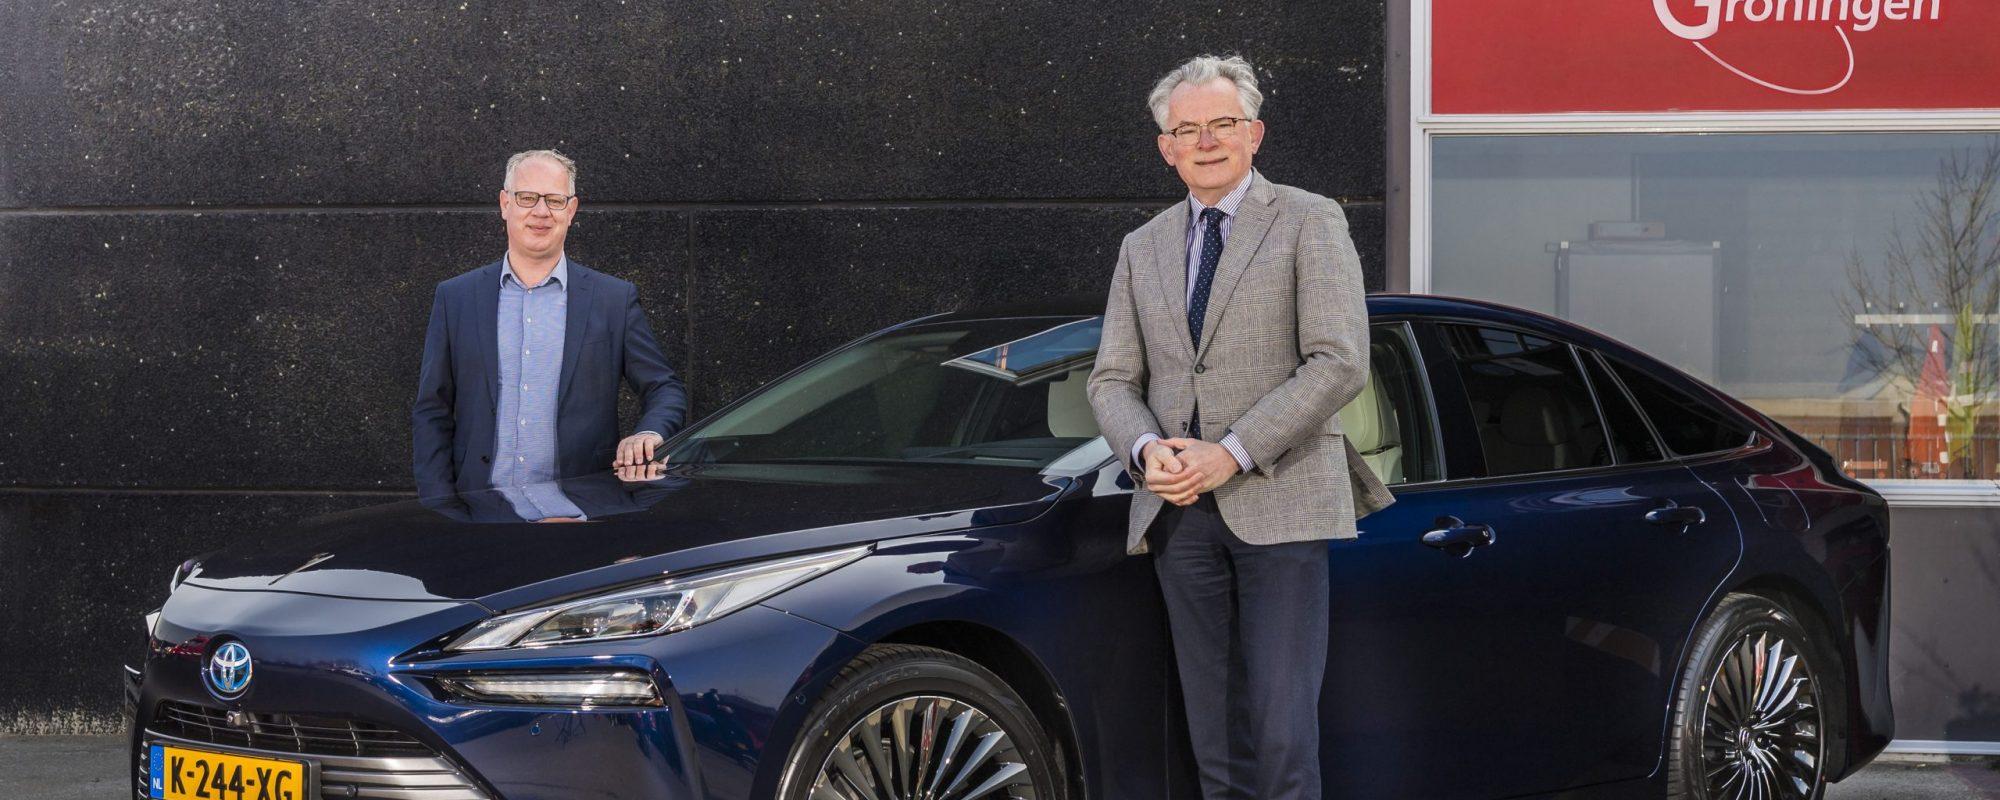 Eerste Nederlandse Toyota Mirai nieuwe dienstauto gemeentebestuur Groningen